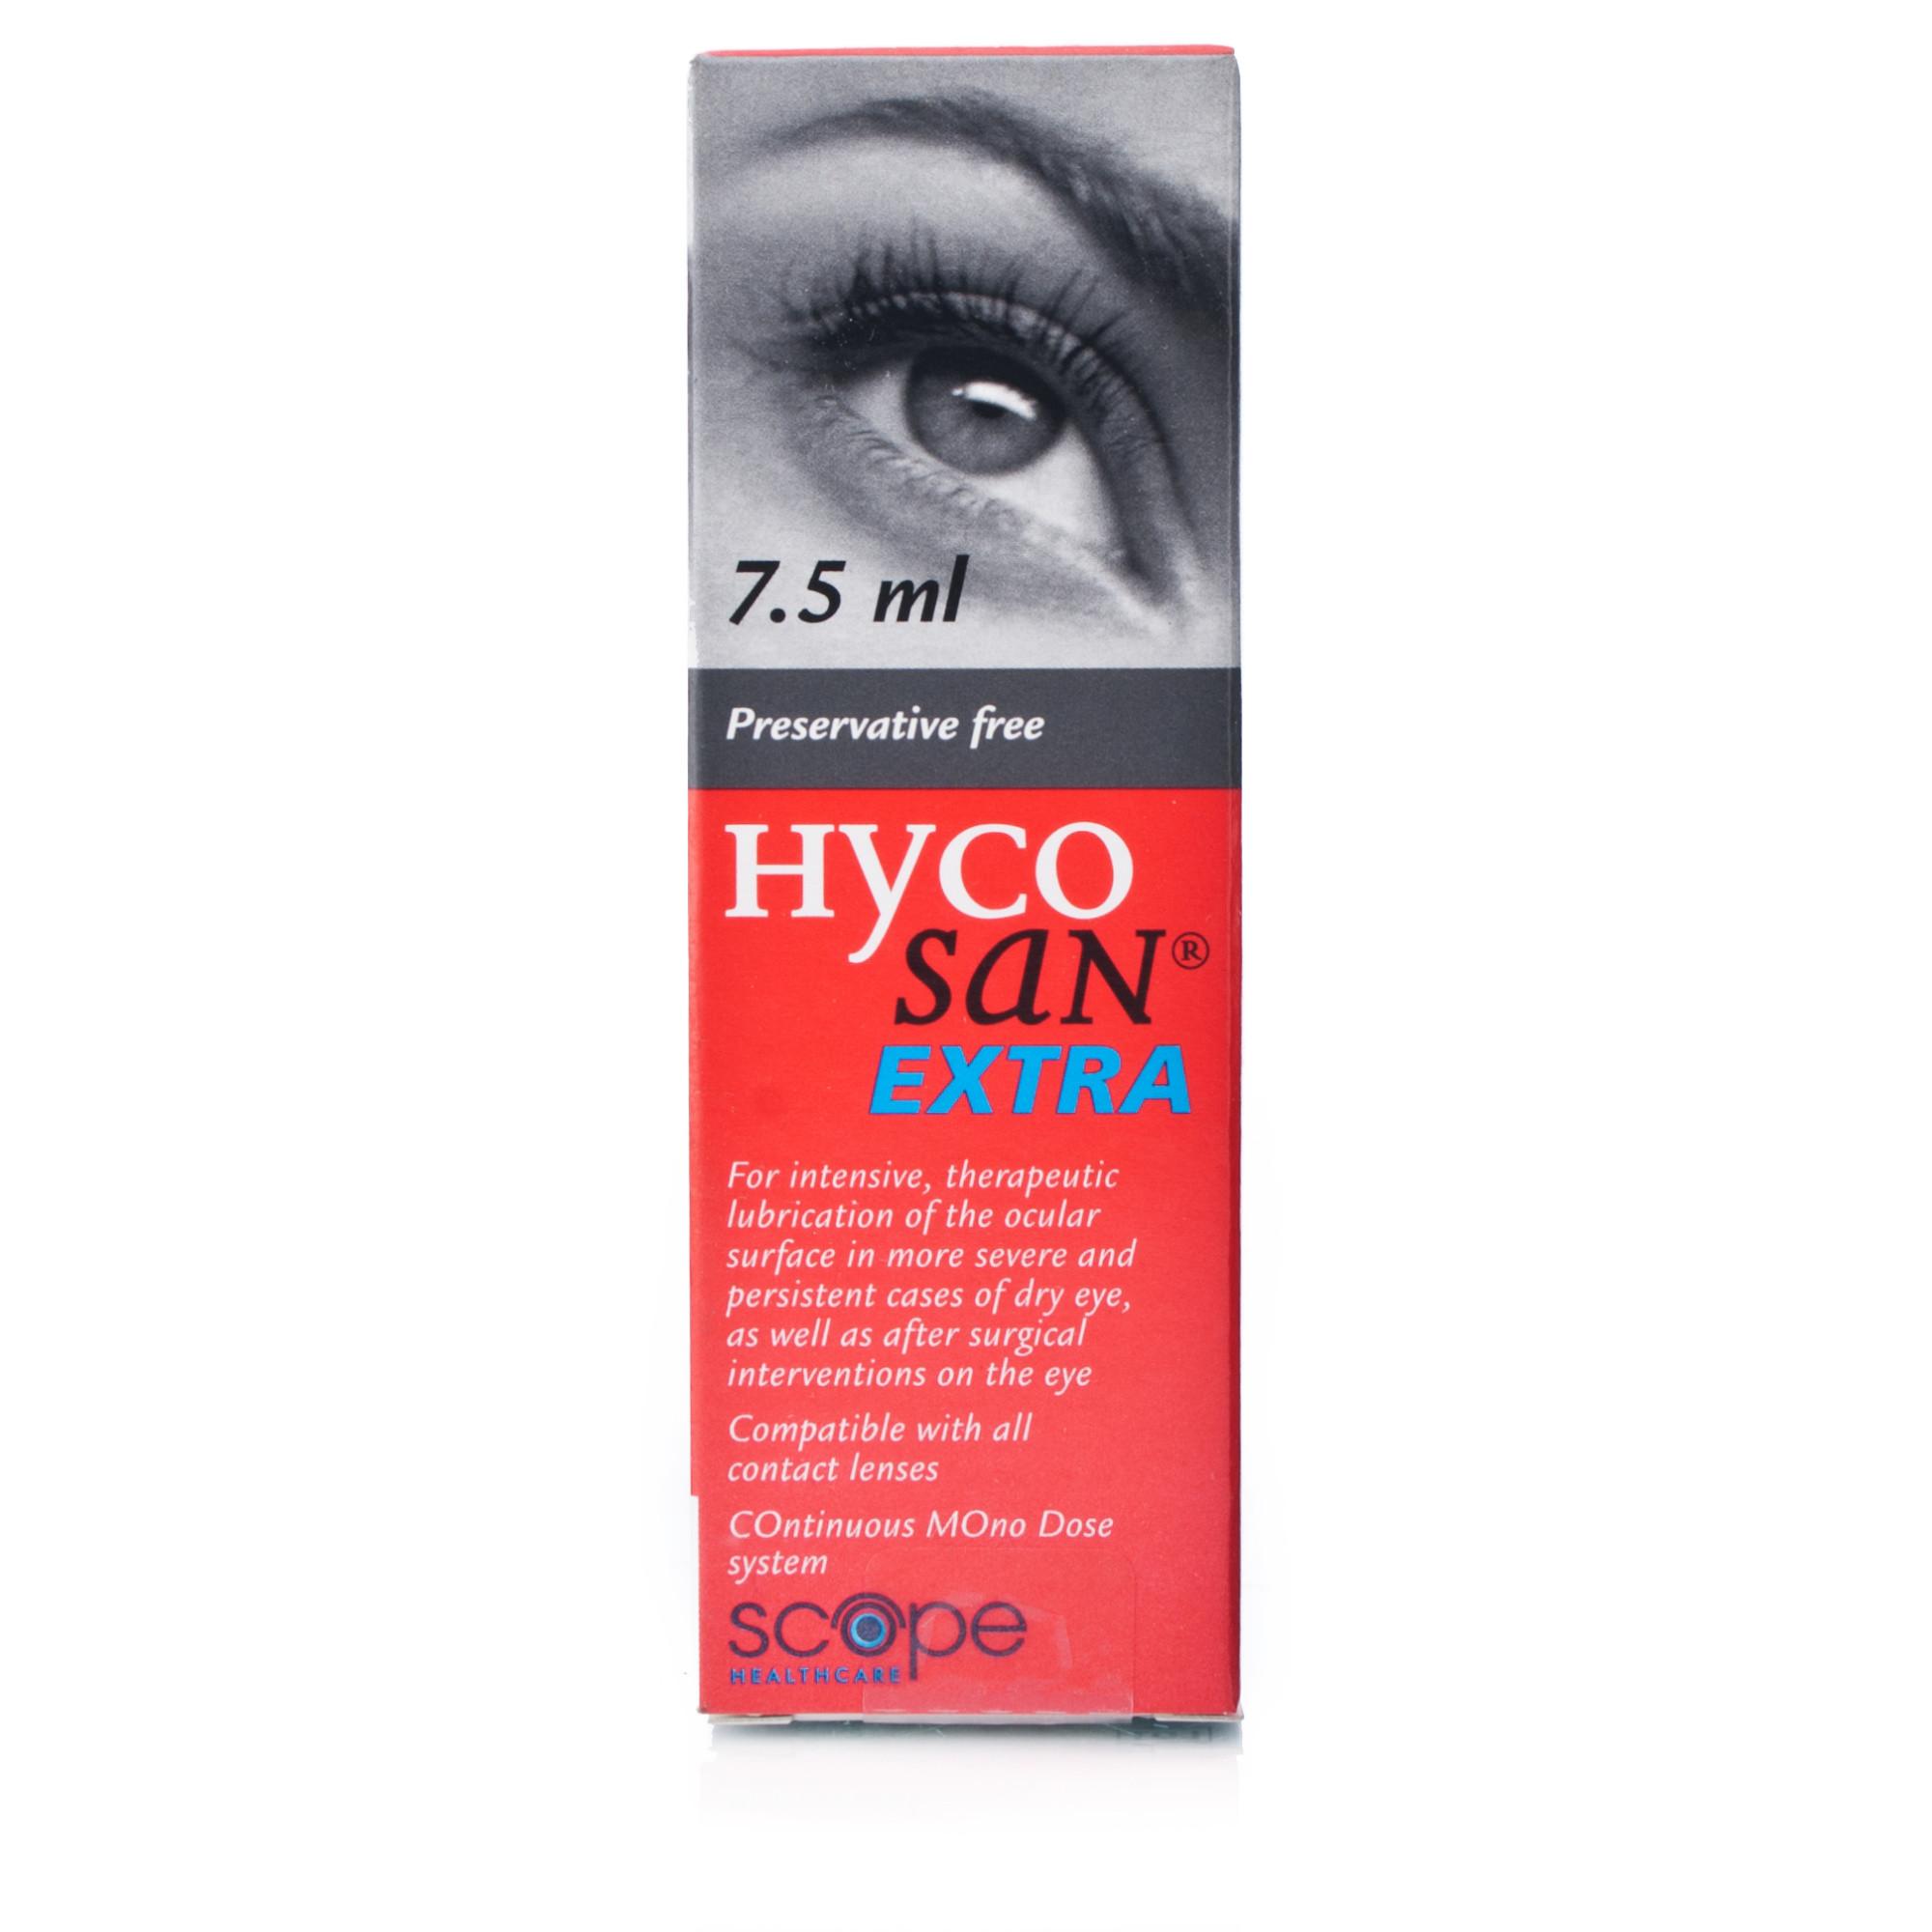 Hycosan Extra